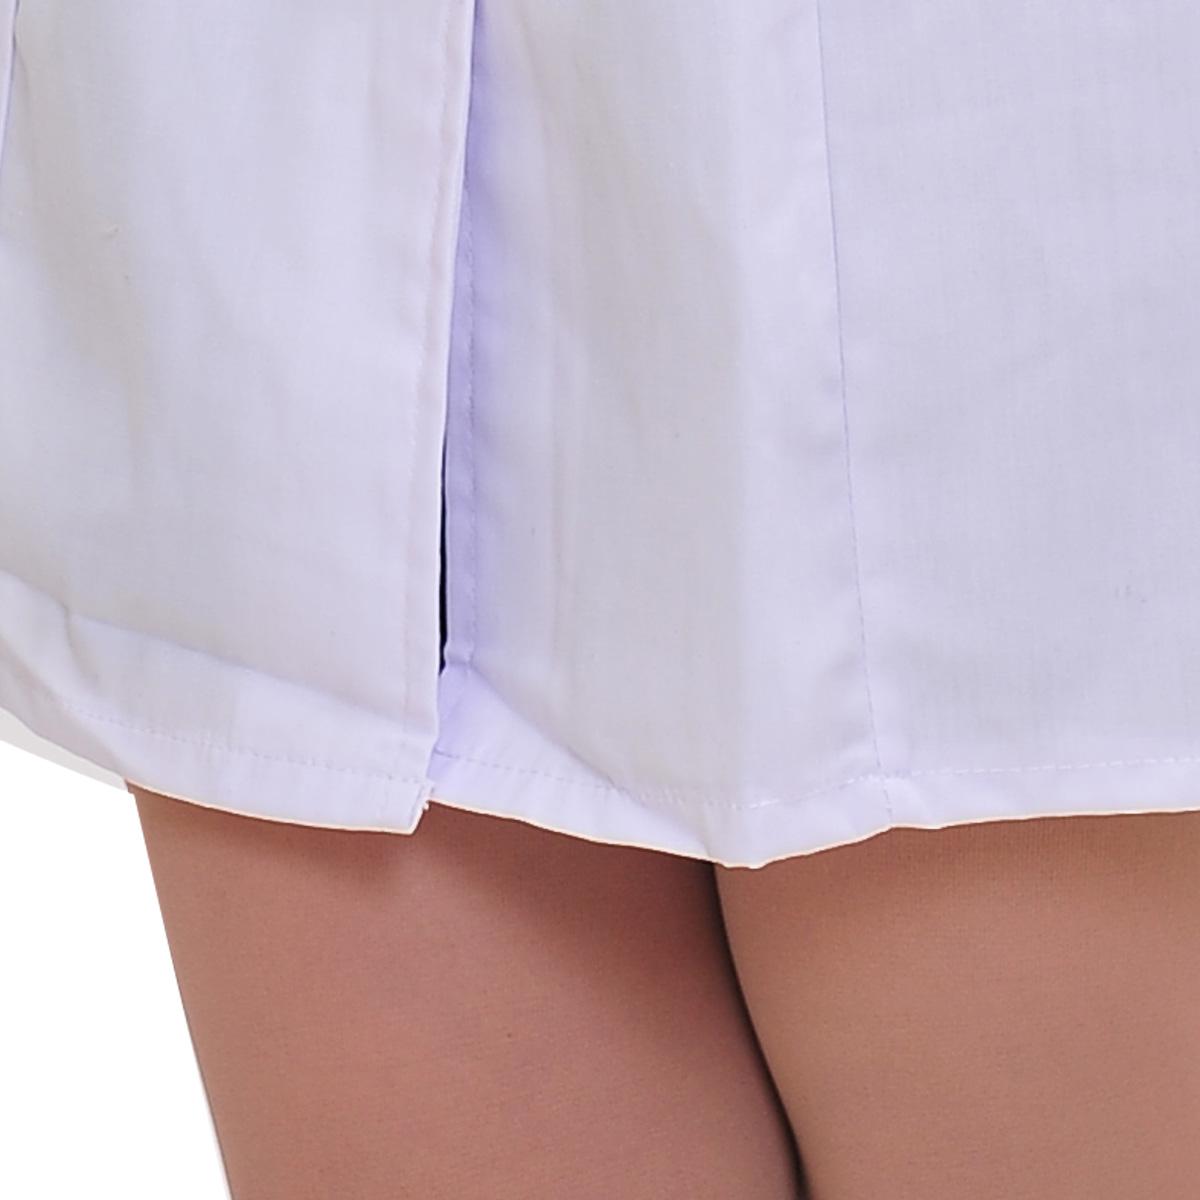 У медсестры под халатом 14 фотография